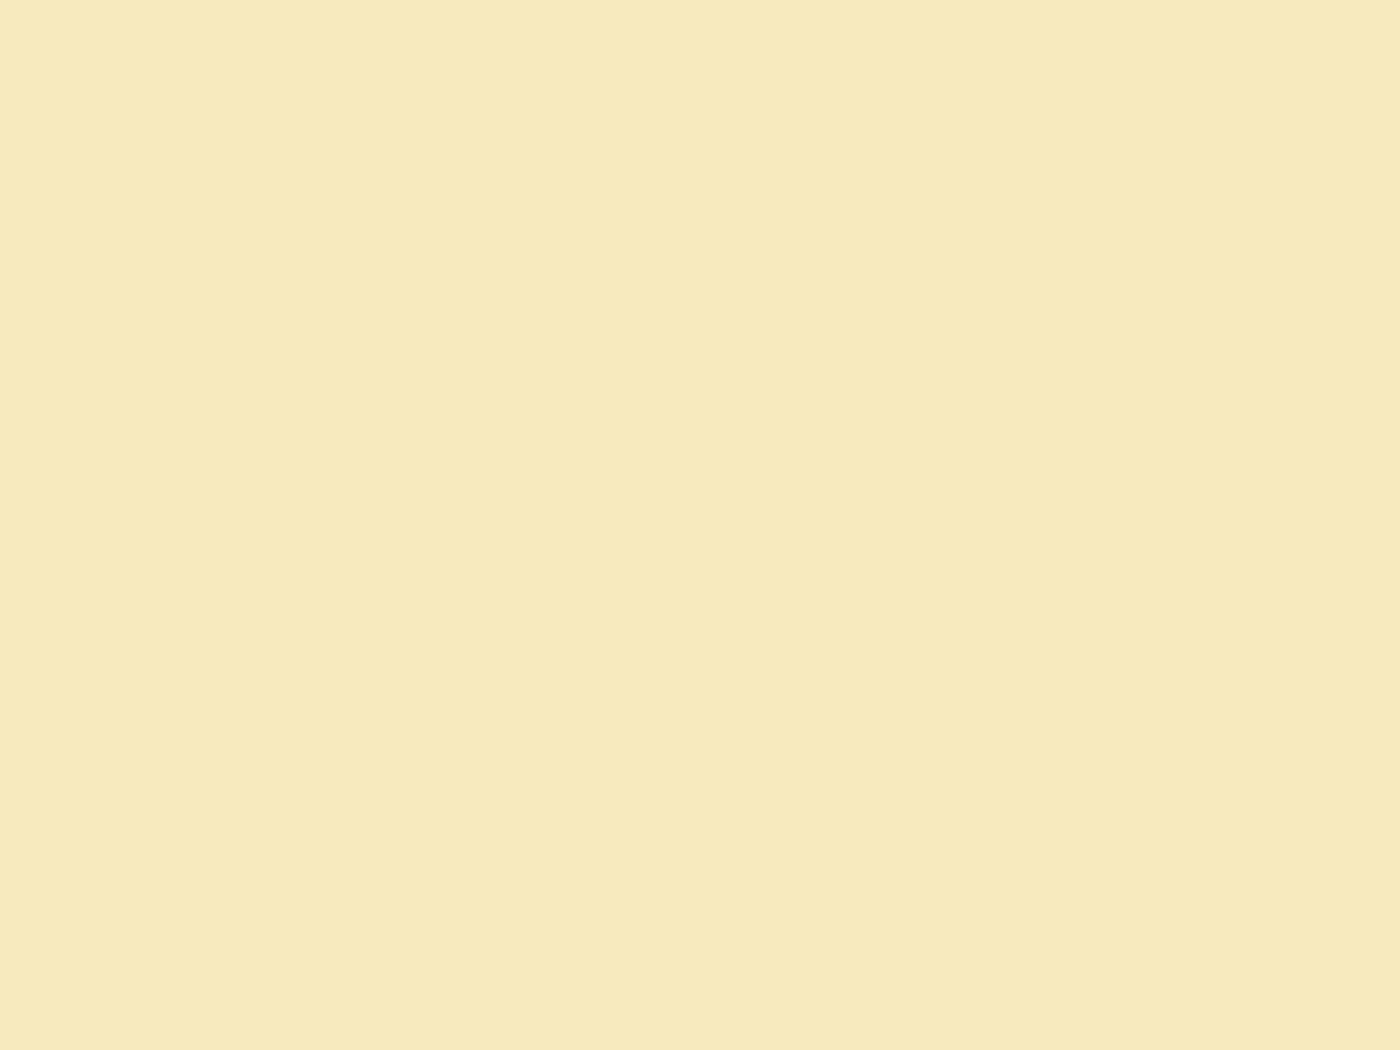 1400x1050 Lemon Meringue Solid Color Background